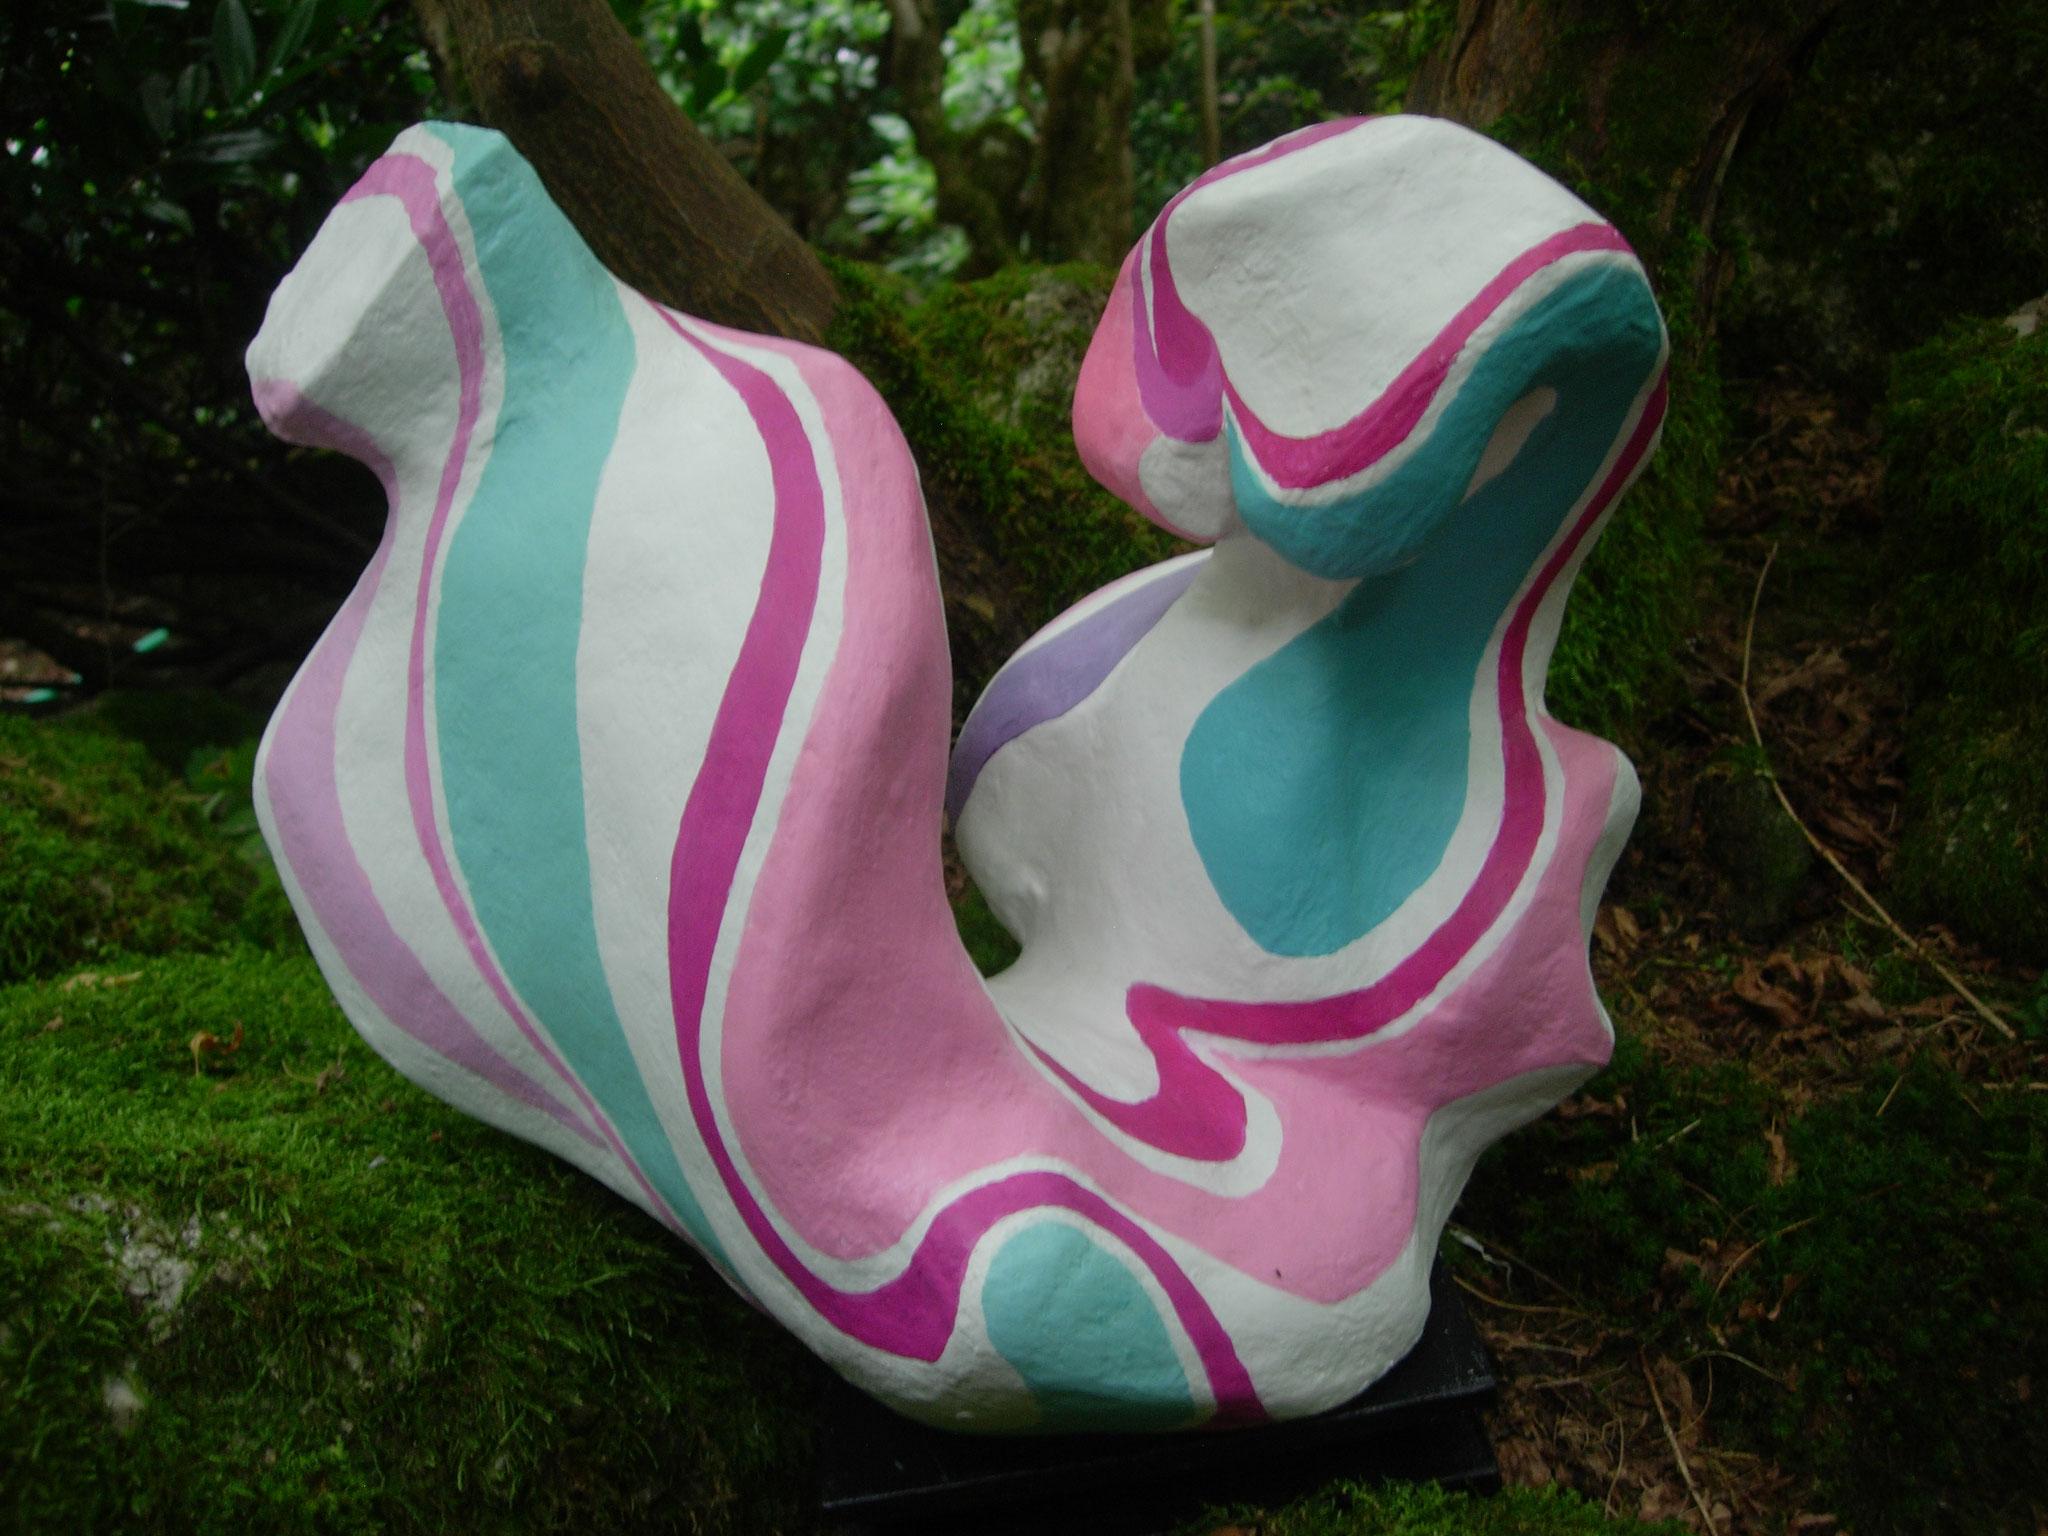 Skulptur Harmonie, Papiermaché, Acrylfarbe, 35x29x31 cm